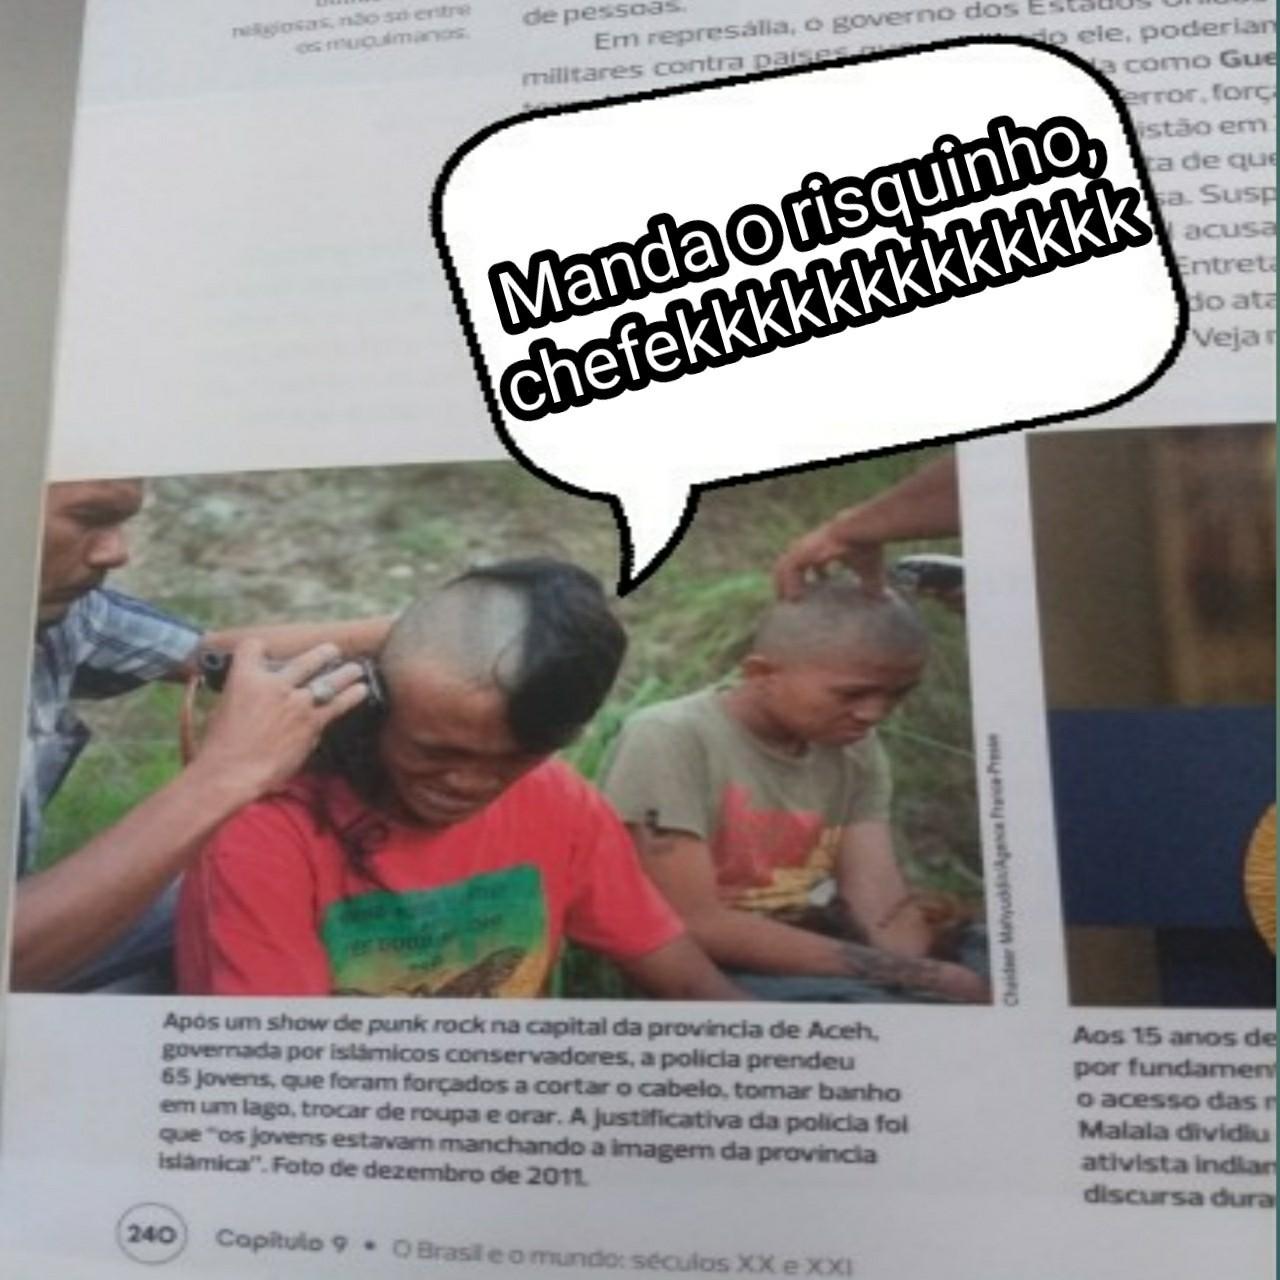 Dsclp qualidade ruim, vi no livro e fiz na aula Rapidão - meme